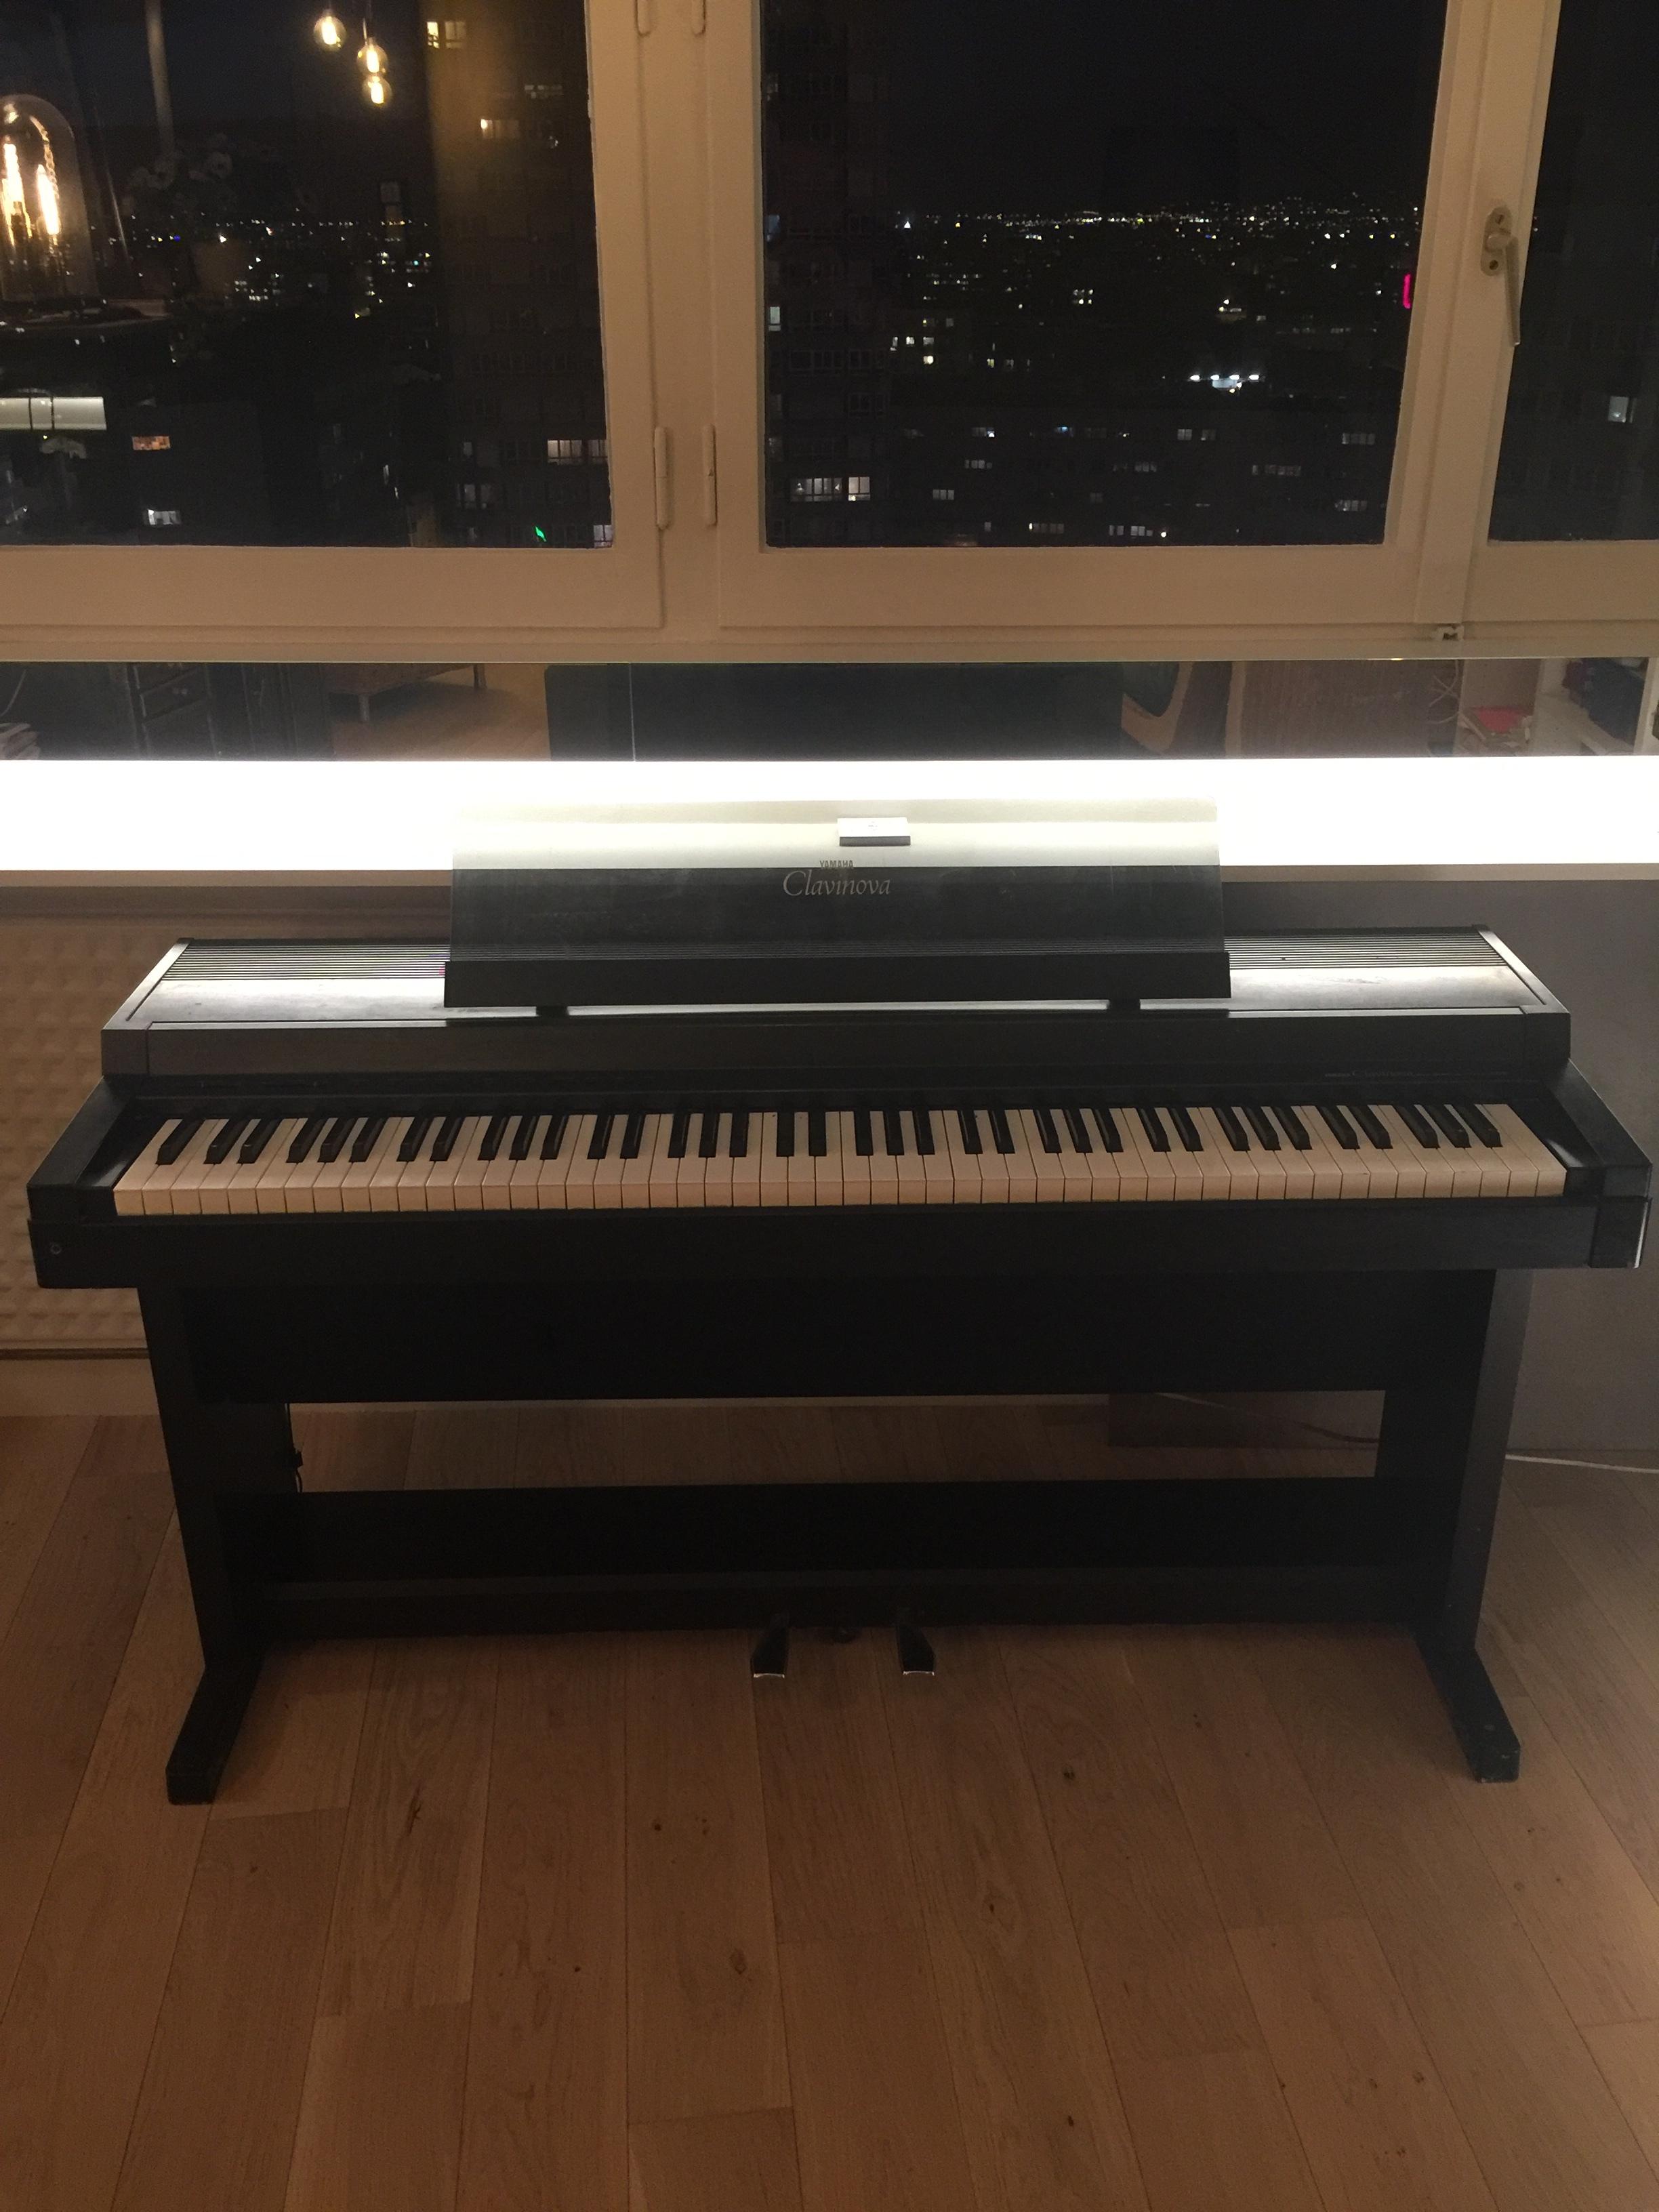 Clp 500 yamaha clp 500 audiofanzine for Yamaha clavinova clp 500